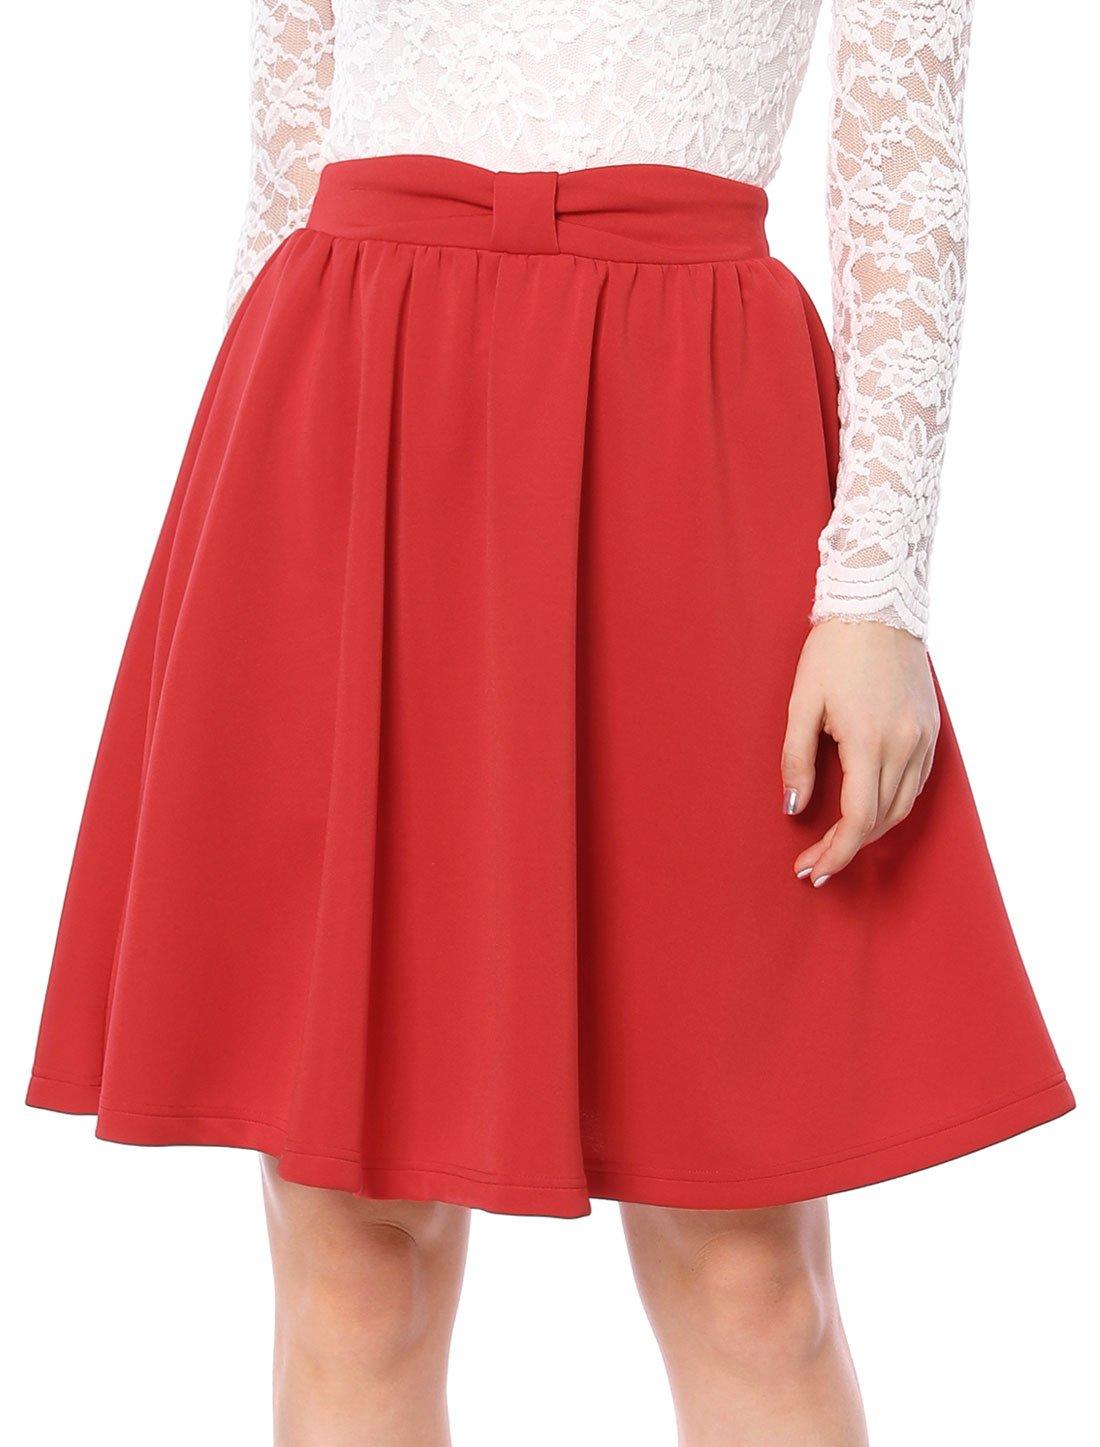 Allegra K Women's Elastic Waistband Above Knee Pleated Bow Flared Skirt M Red